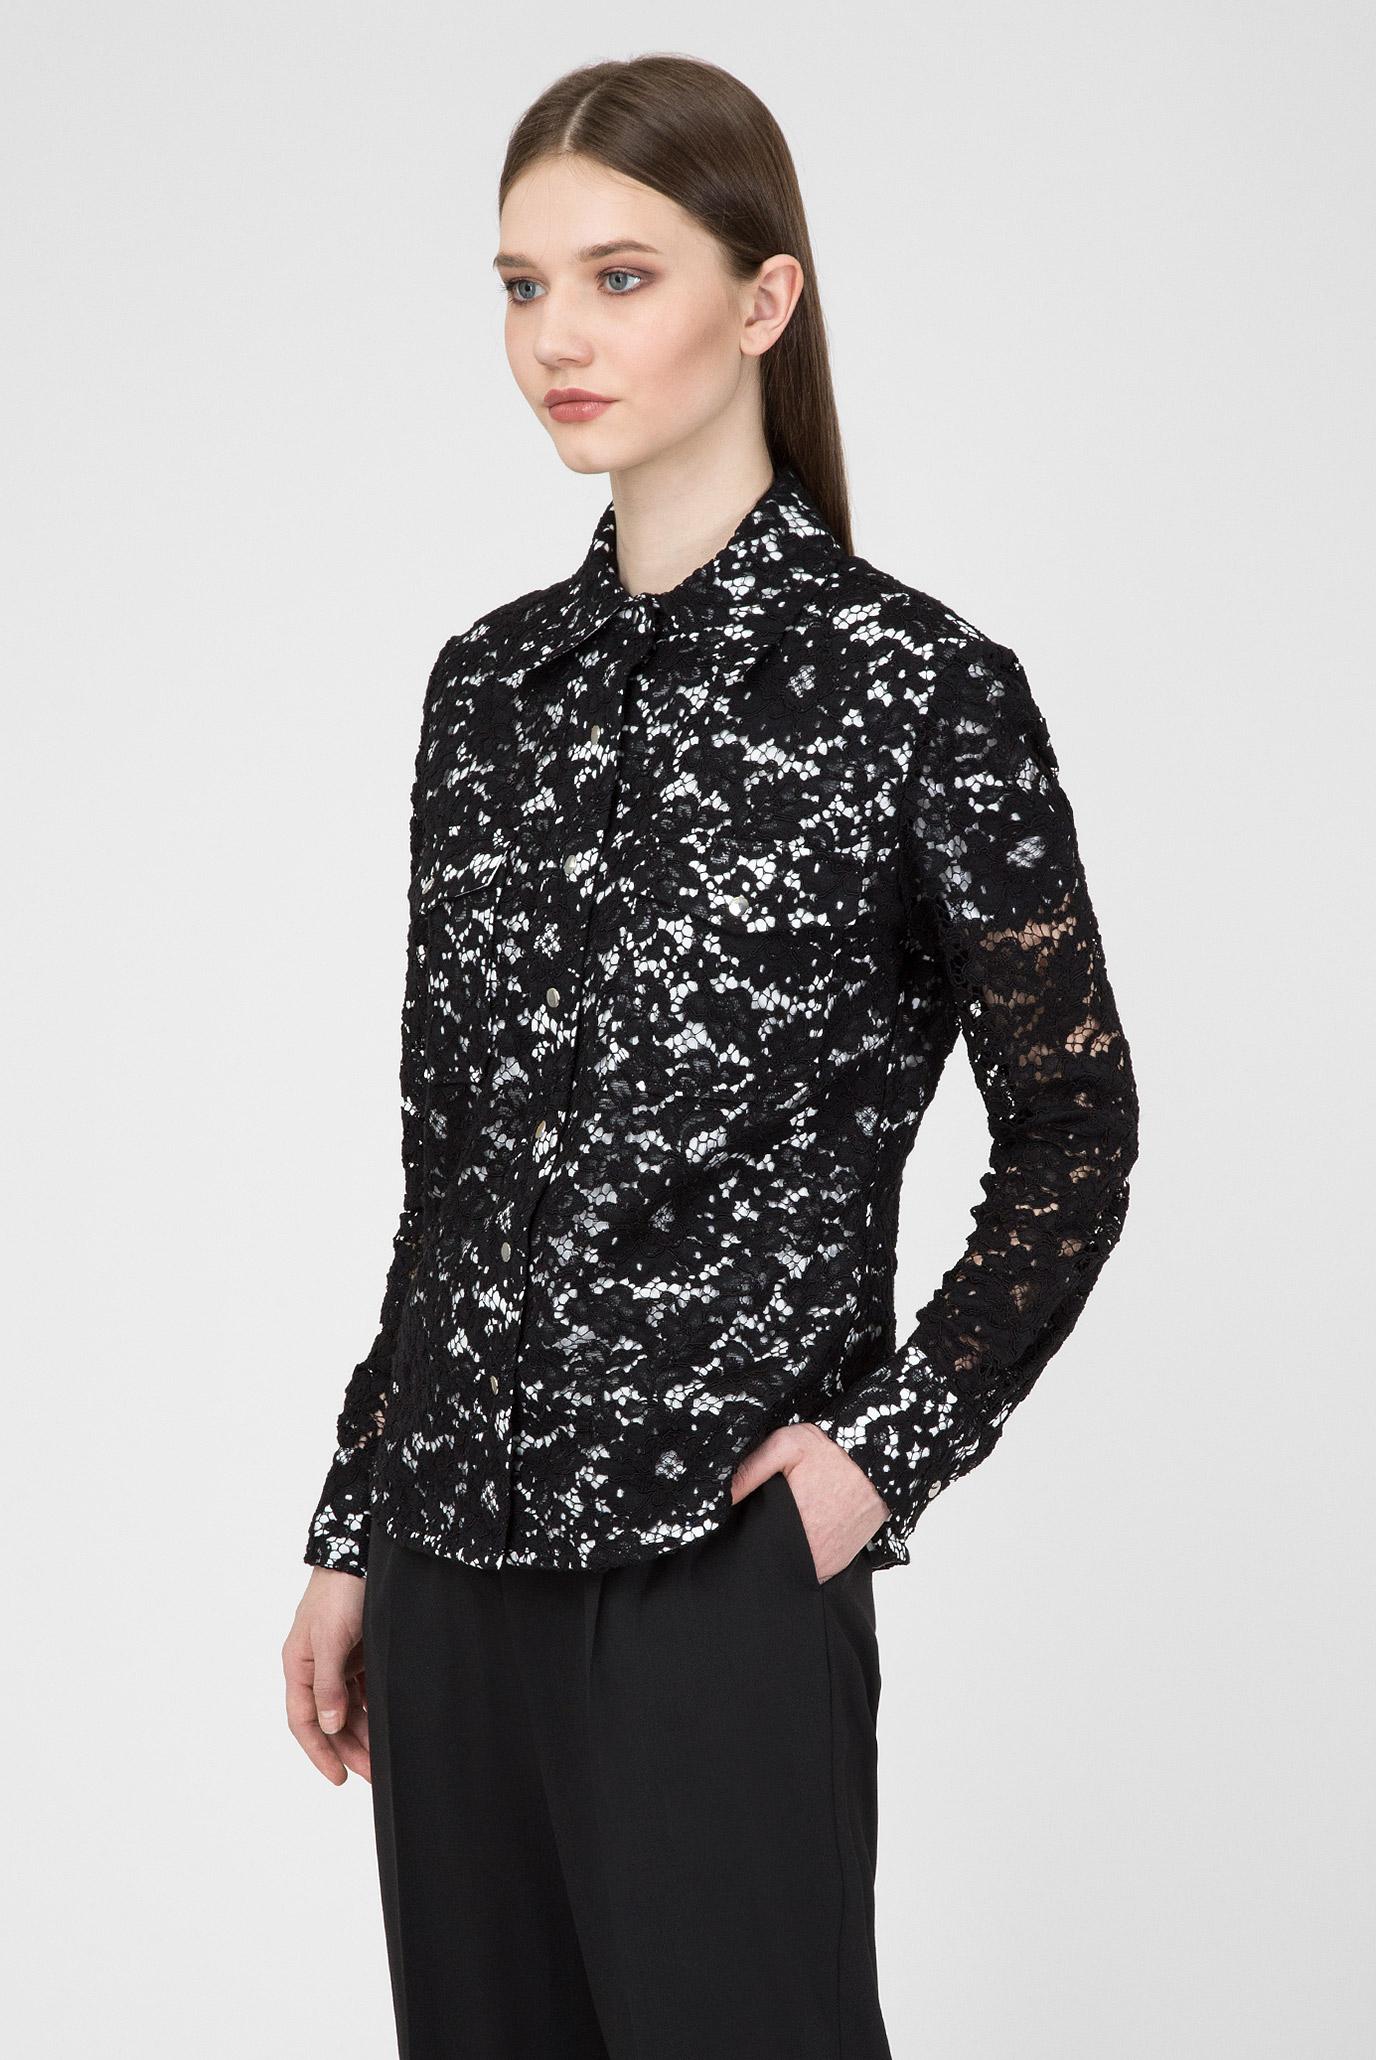 Купить Женская черная рубашка с кружевом Calvin Klein Calvin Klein K20K200519 – Киев, Украина. Цены в интернет магазине MD Fashion